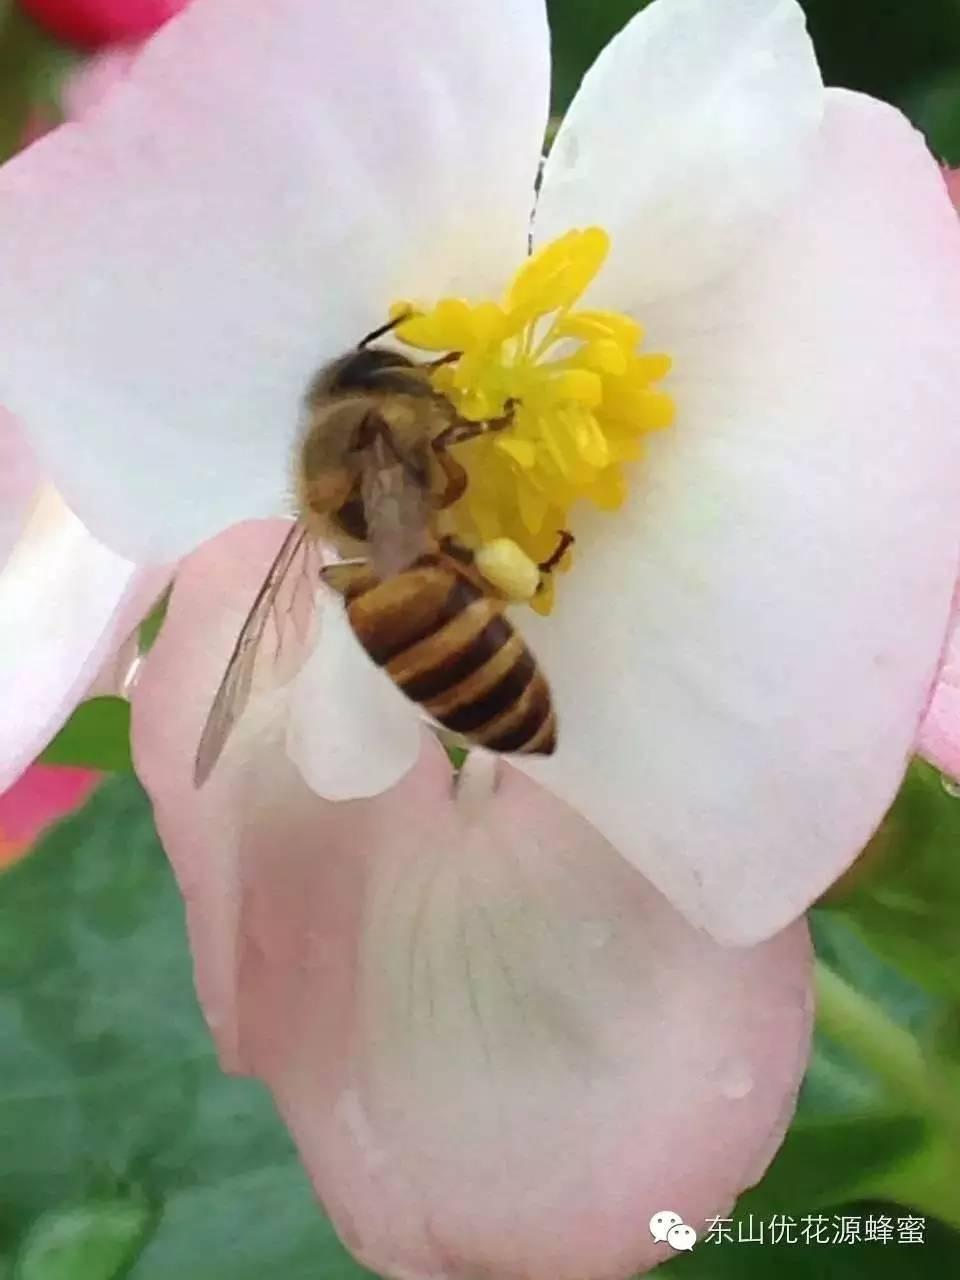 蜂蜜花粉 柠檬蜂蜜水嘴里苦 鲜榨橙汁加蜂蜜 十大蜂蜜品牌排行榜 喝酒第二天喝蜂蜜水